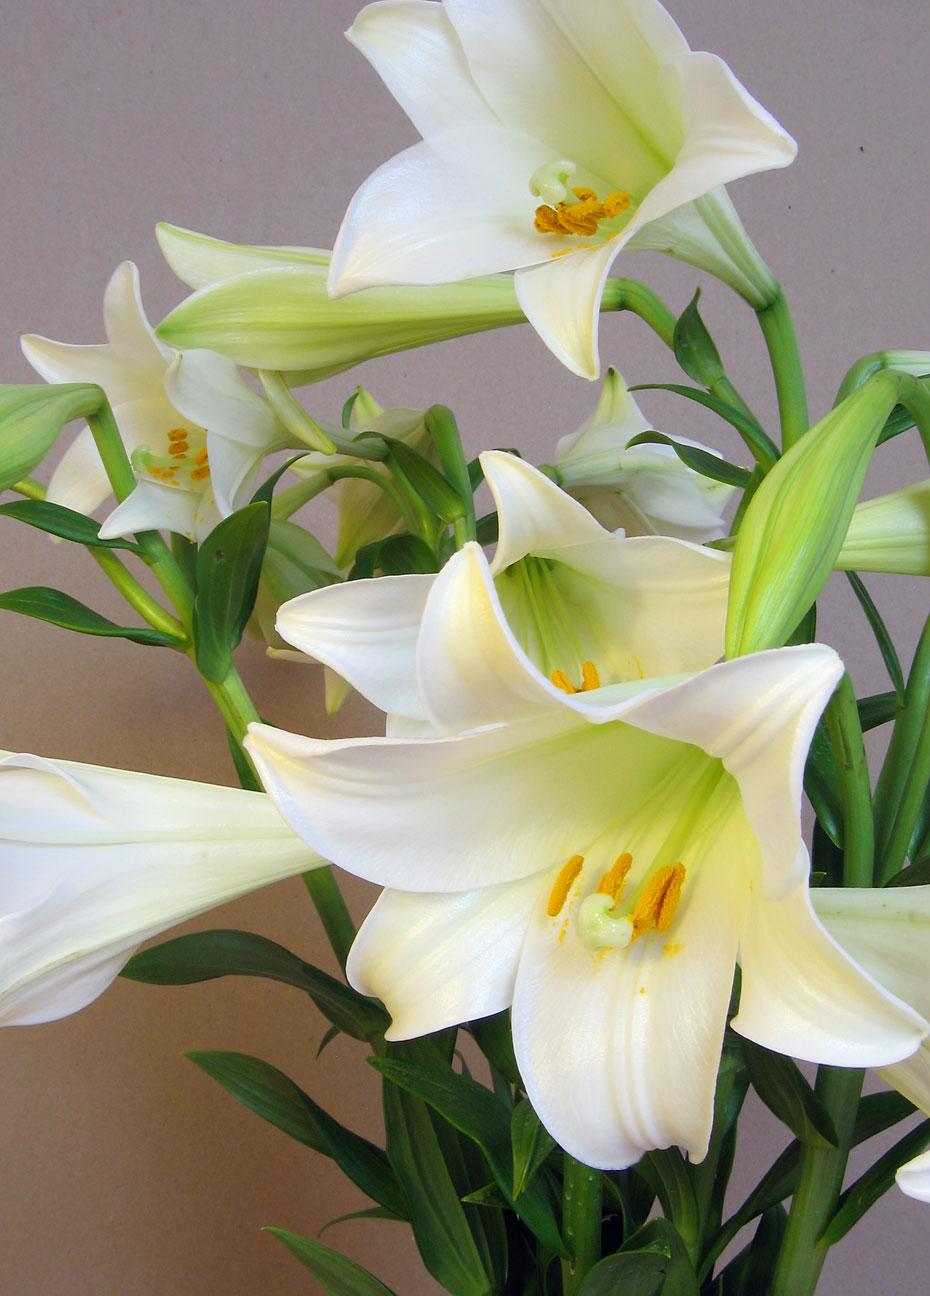 Ảnh đẹp nhất hoa loa kèn trắng nở ngày Tết